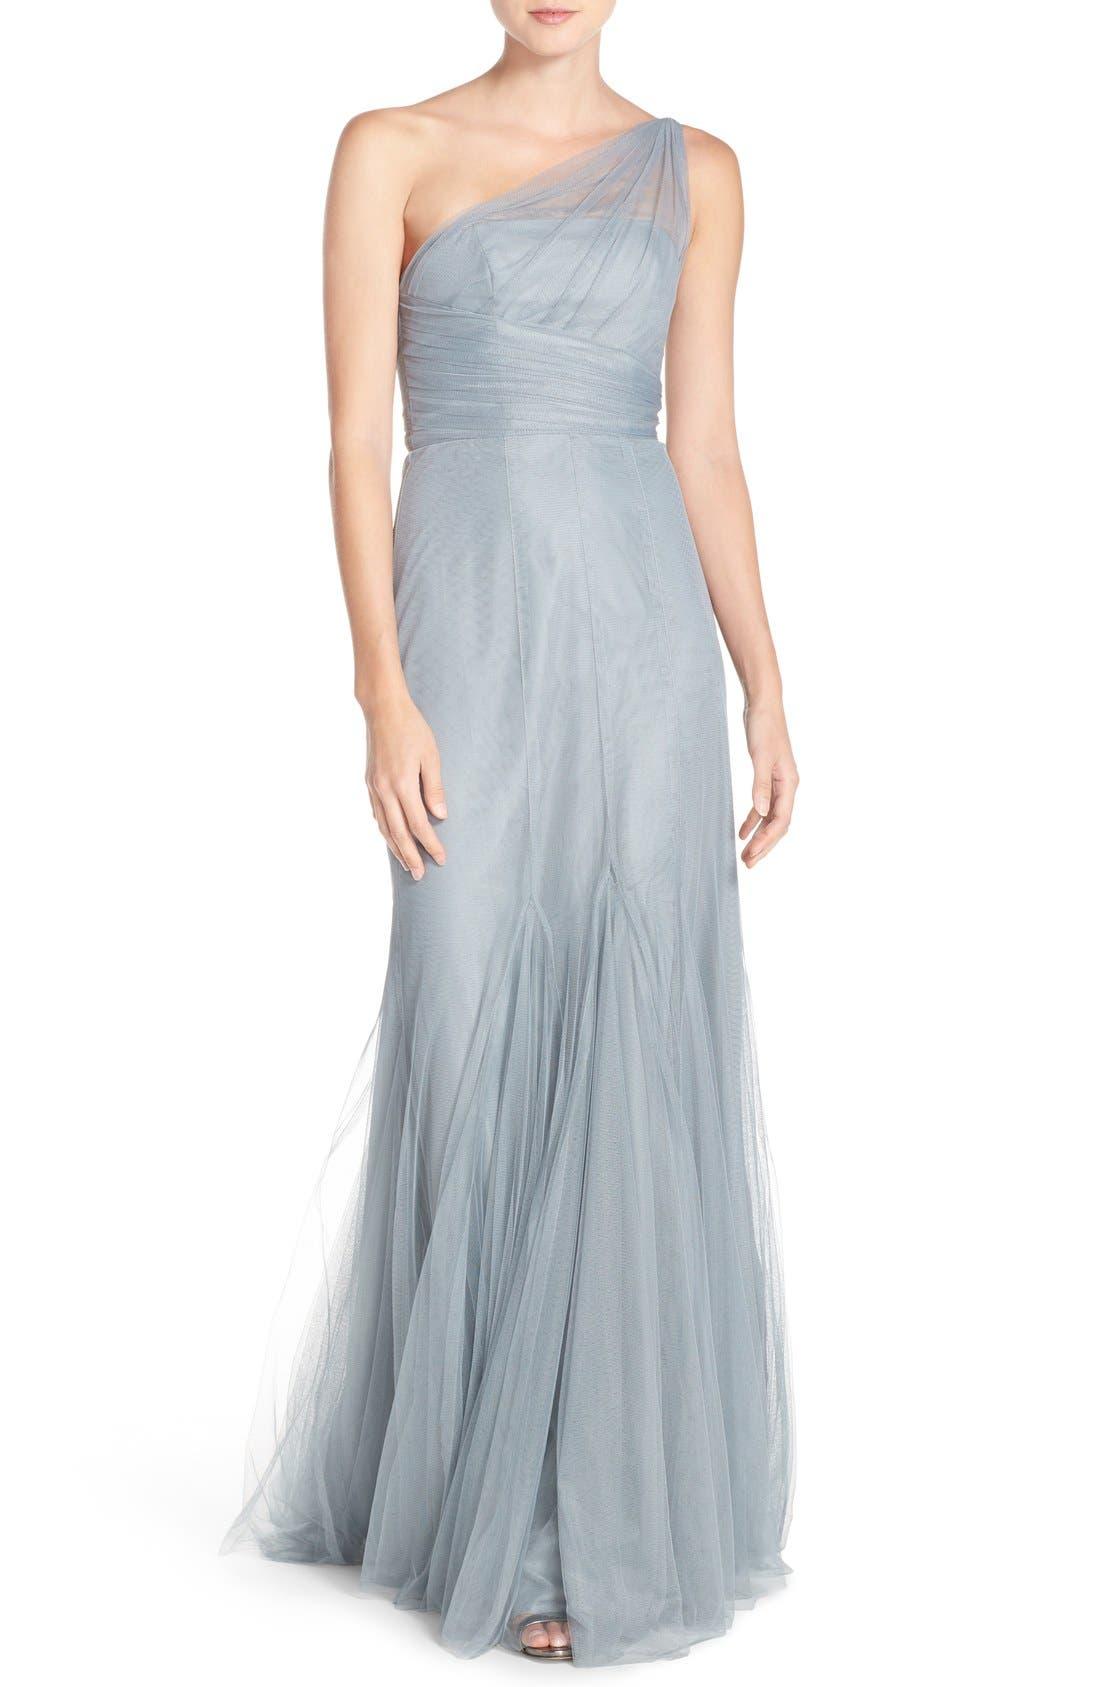 Main Image - Monique Lhuillier Bridesmaids One-Shoulder Tulle Trumpet Gown